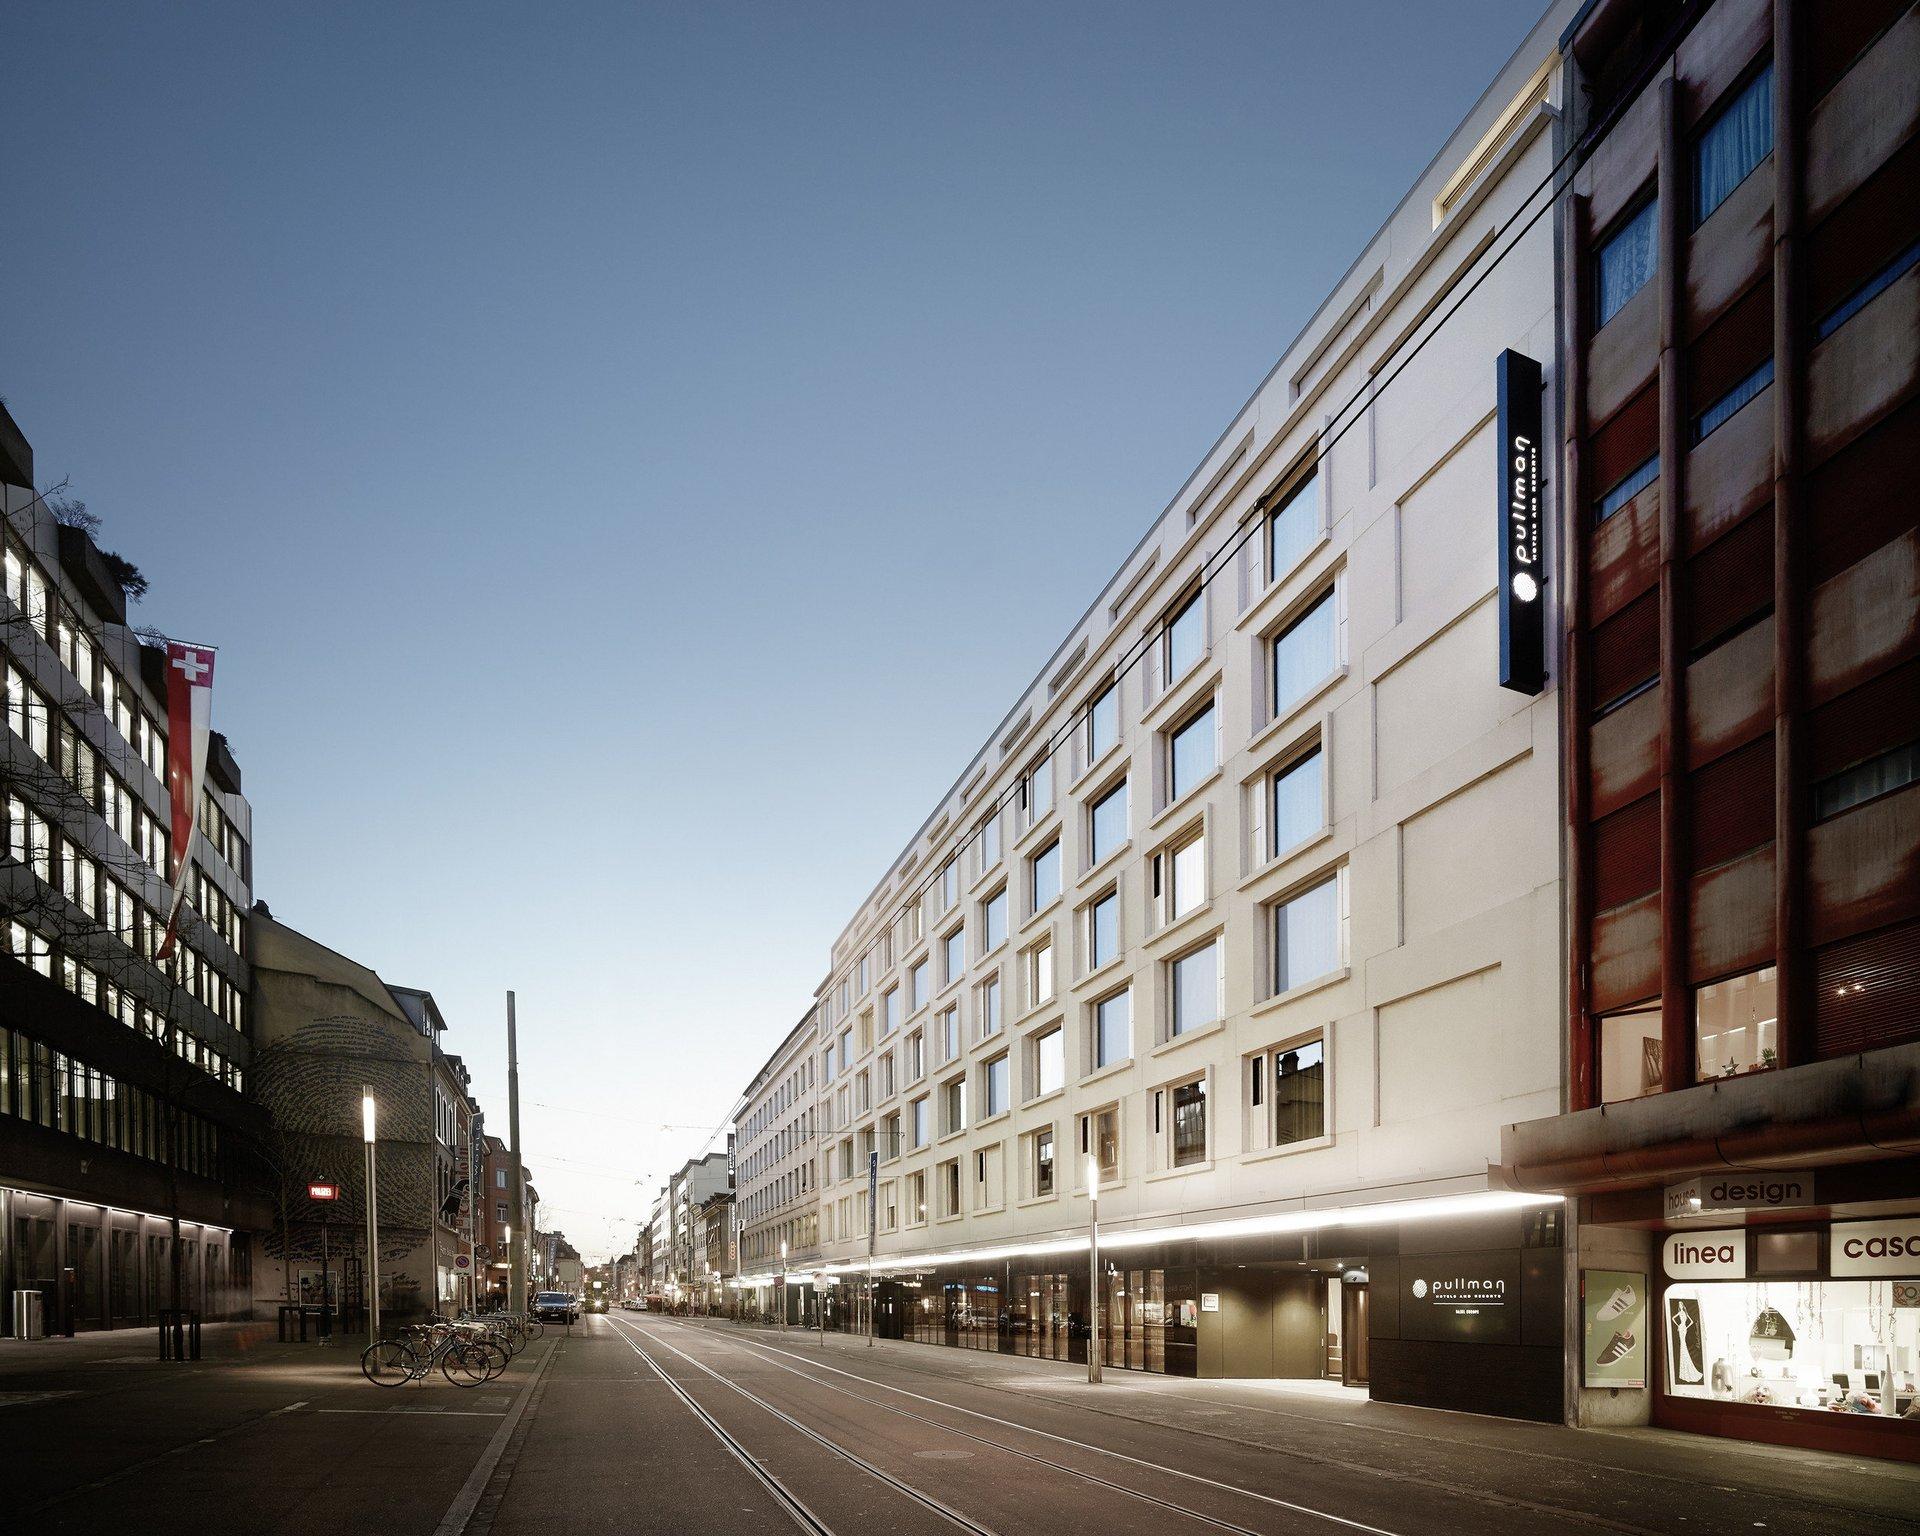 Hotelgebäude mit gleichmässiger Fensteranordnung von der Seite